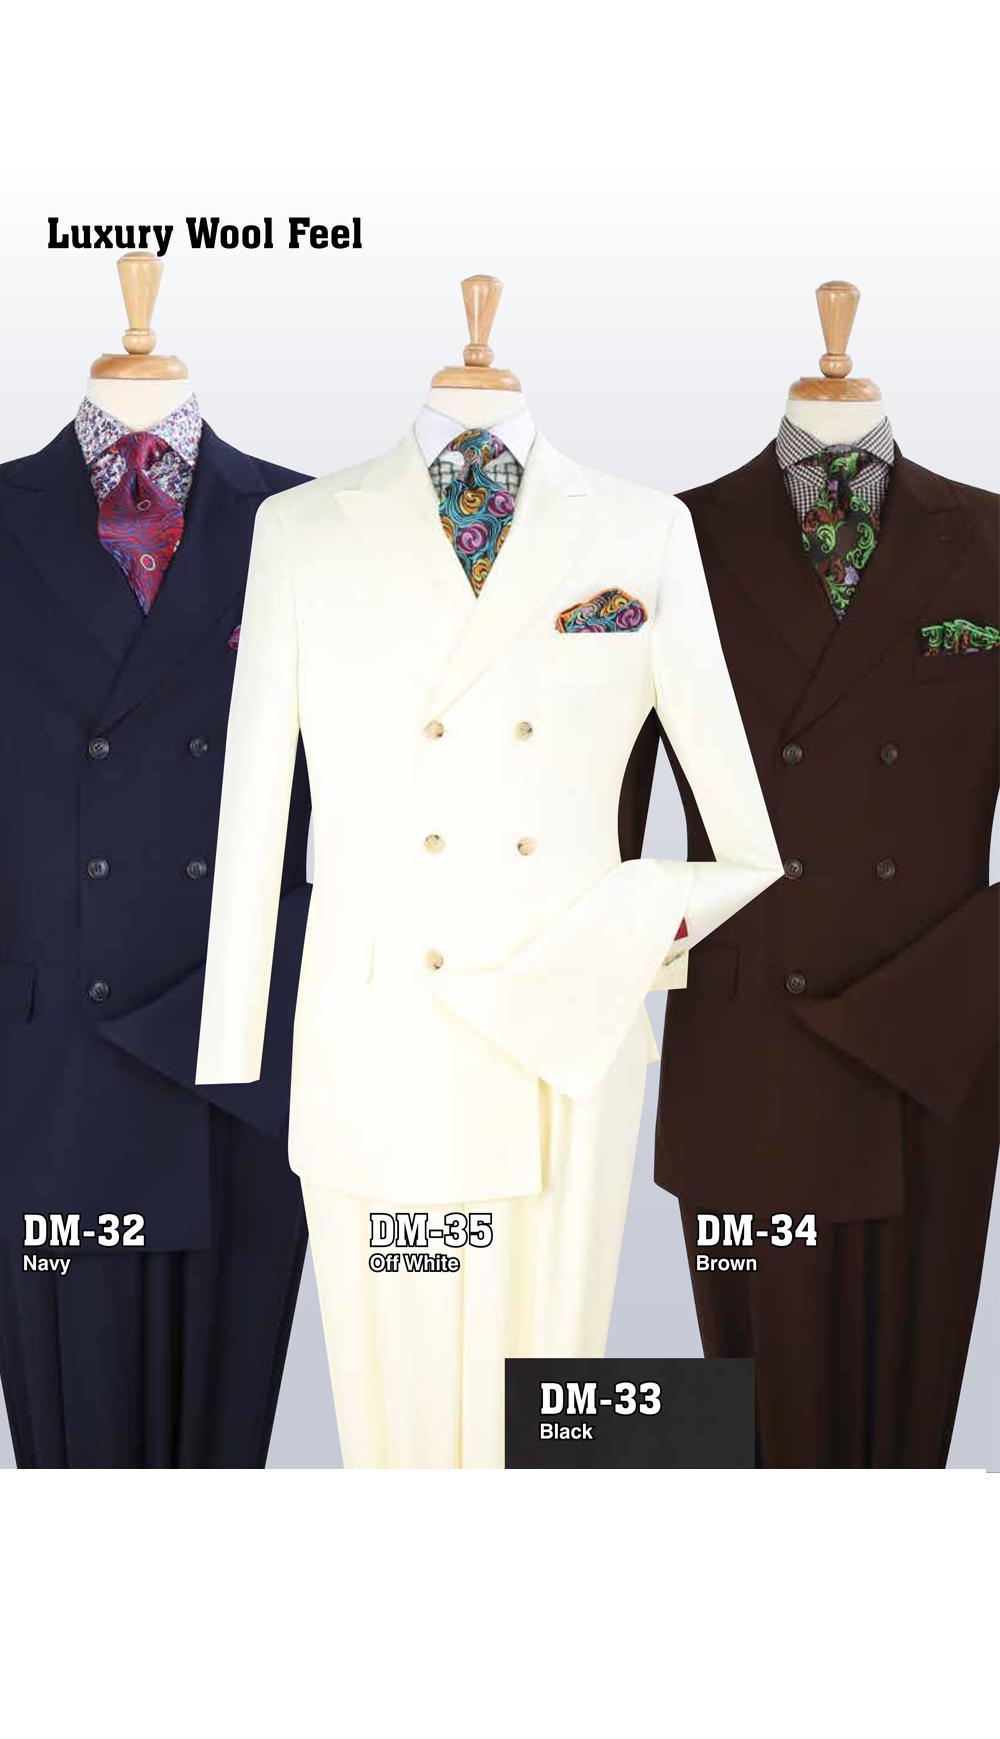 High Fashion Men Suits DM-32